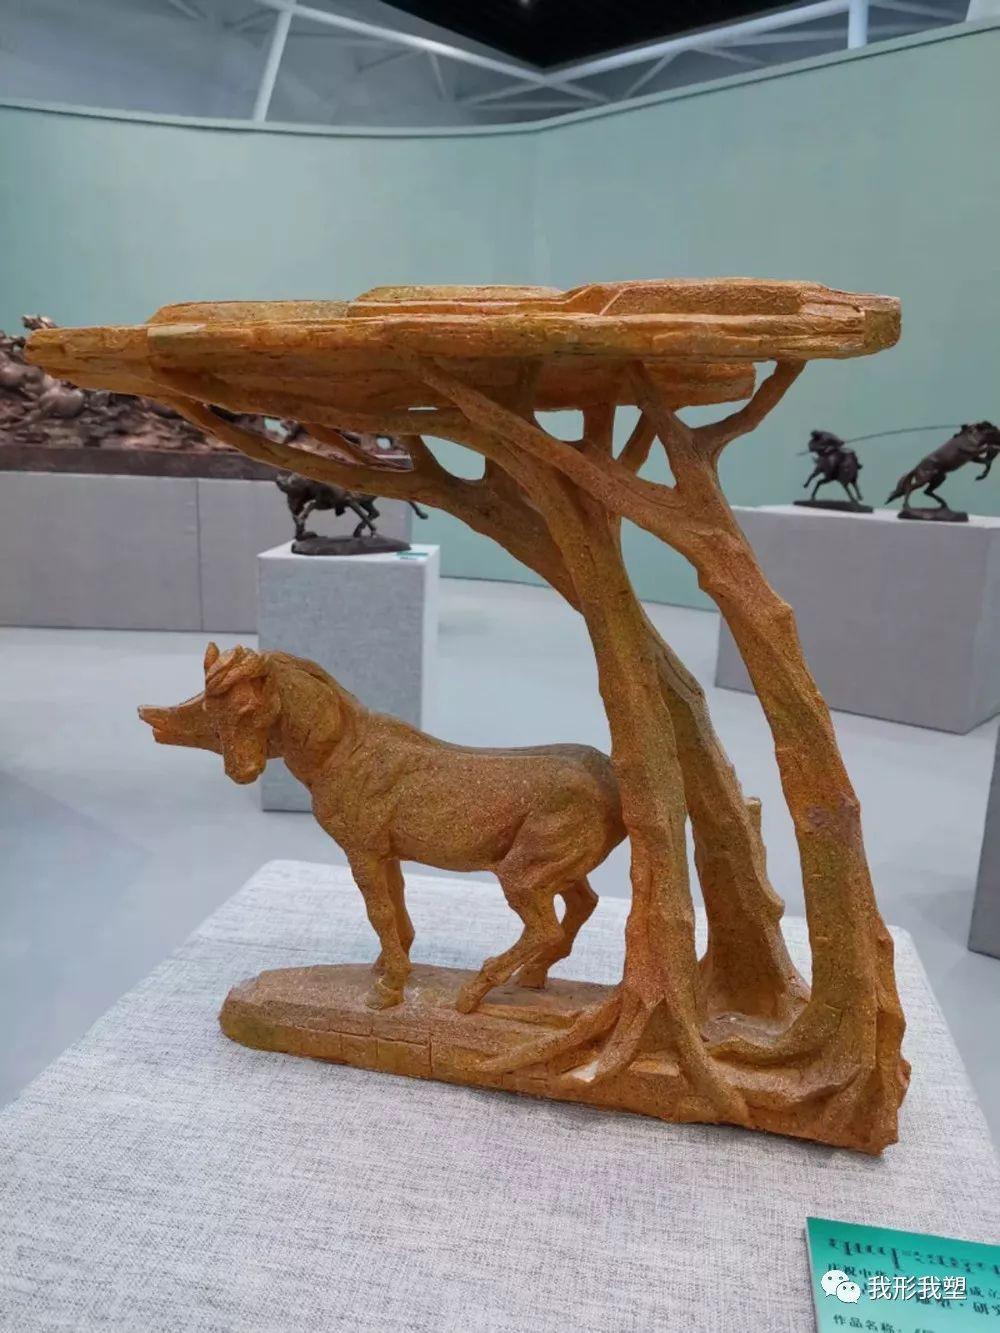 """【雕塑展览】庆祝中华人民共和国成立70周年""""蒙古马·雕塑·研究""""展 第14张 【雕塑展览】庆祝中华人民共和国成立70周年""""蒙古马·雕塑·研究""""展 蒙古画廊"""